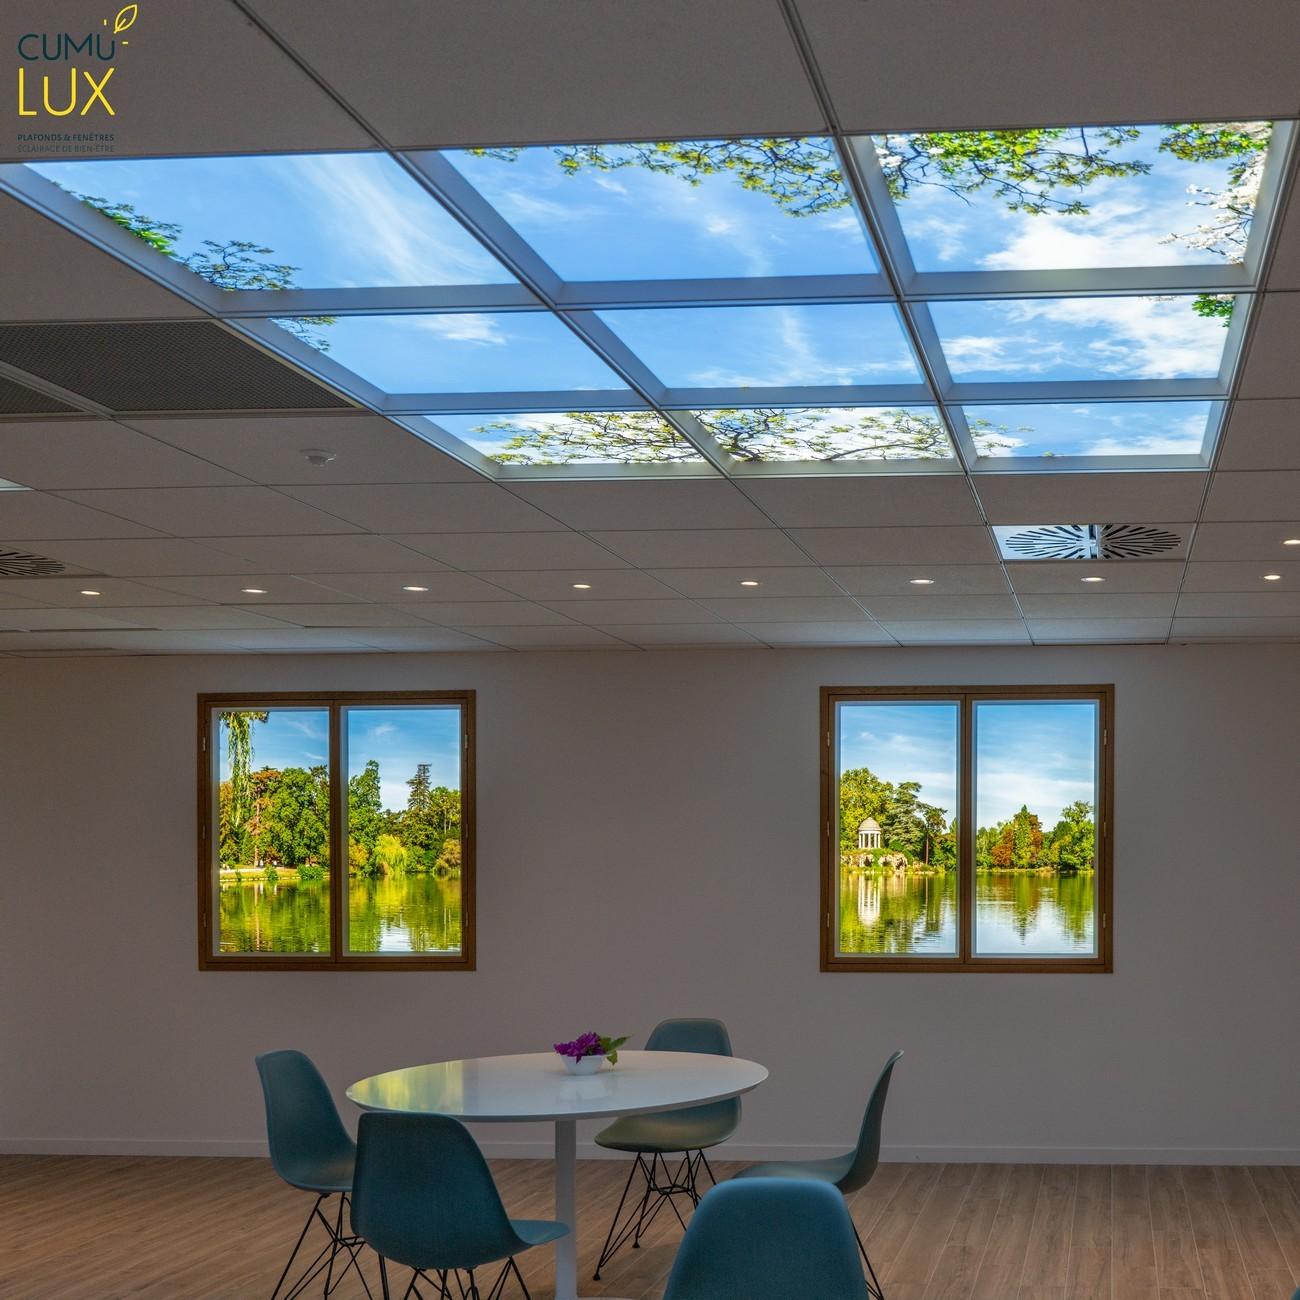 Faux plafonds et fenêtres lumineuses led pour un réfectoire en sous-sol